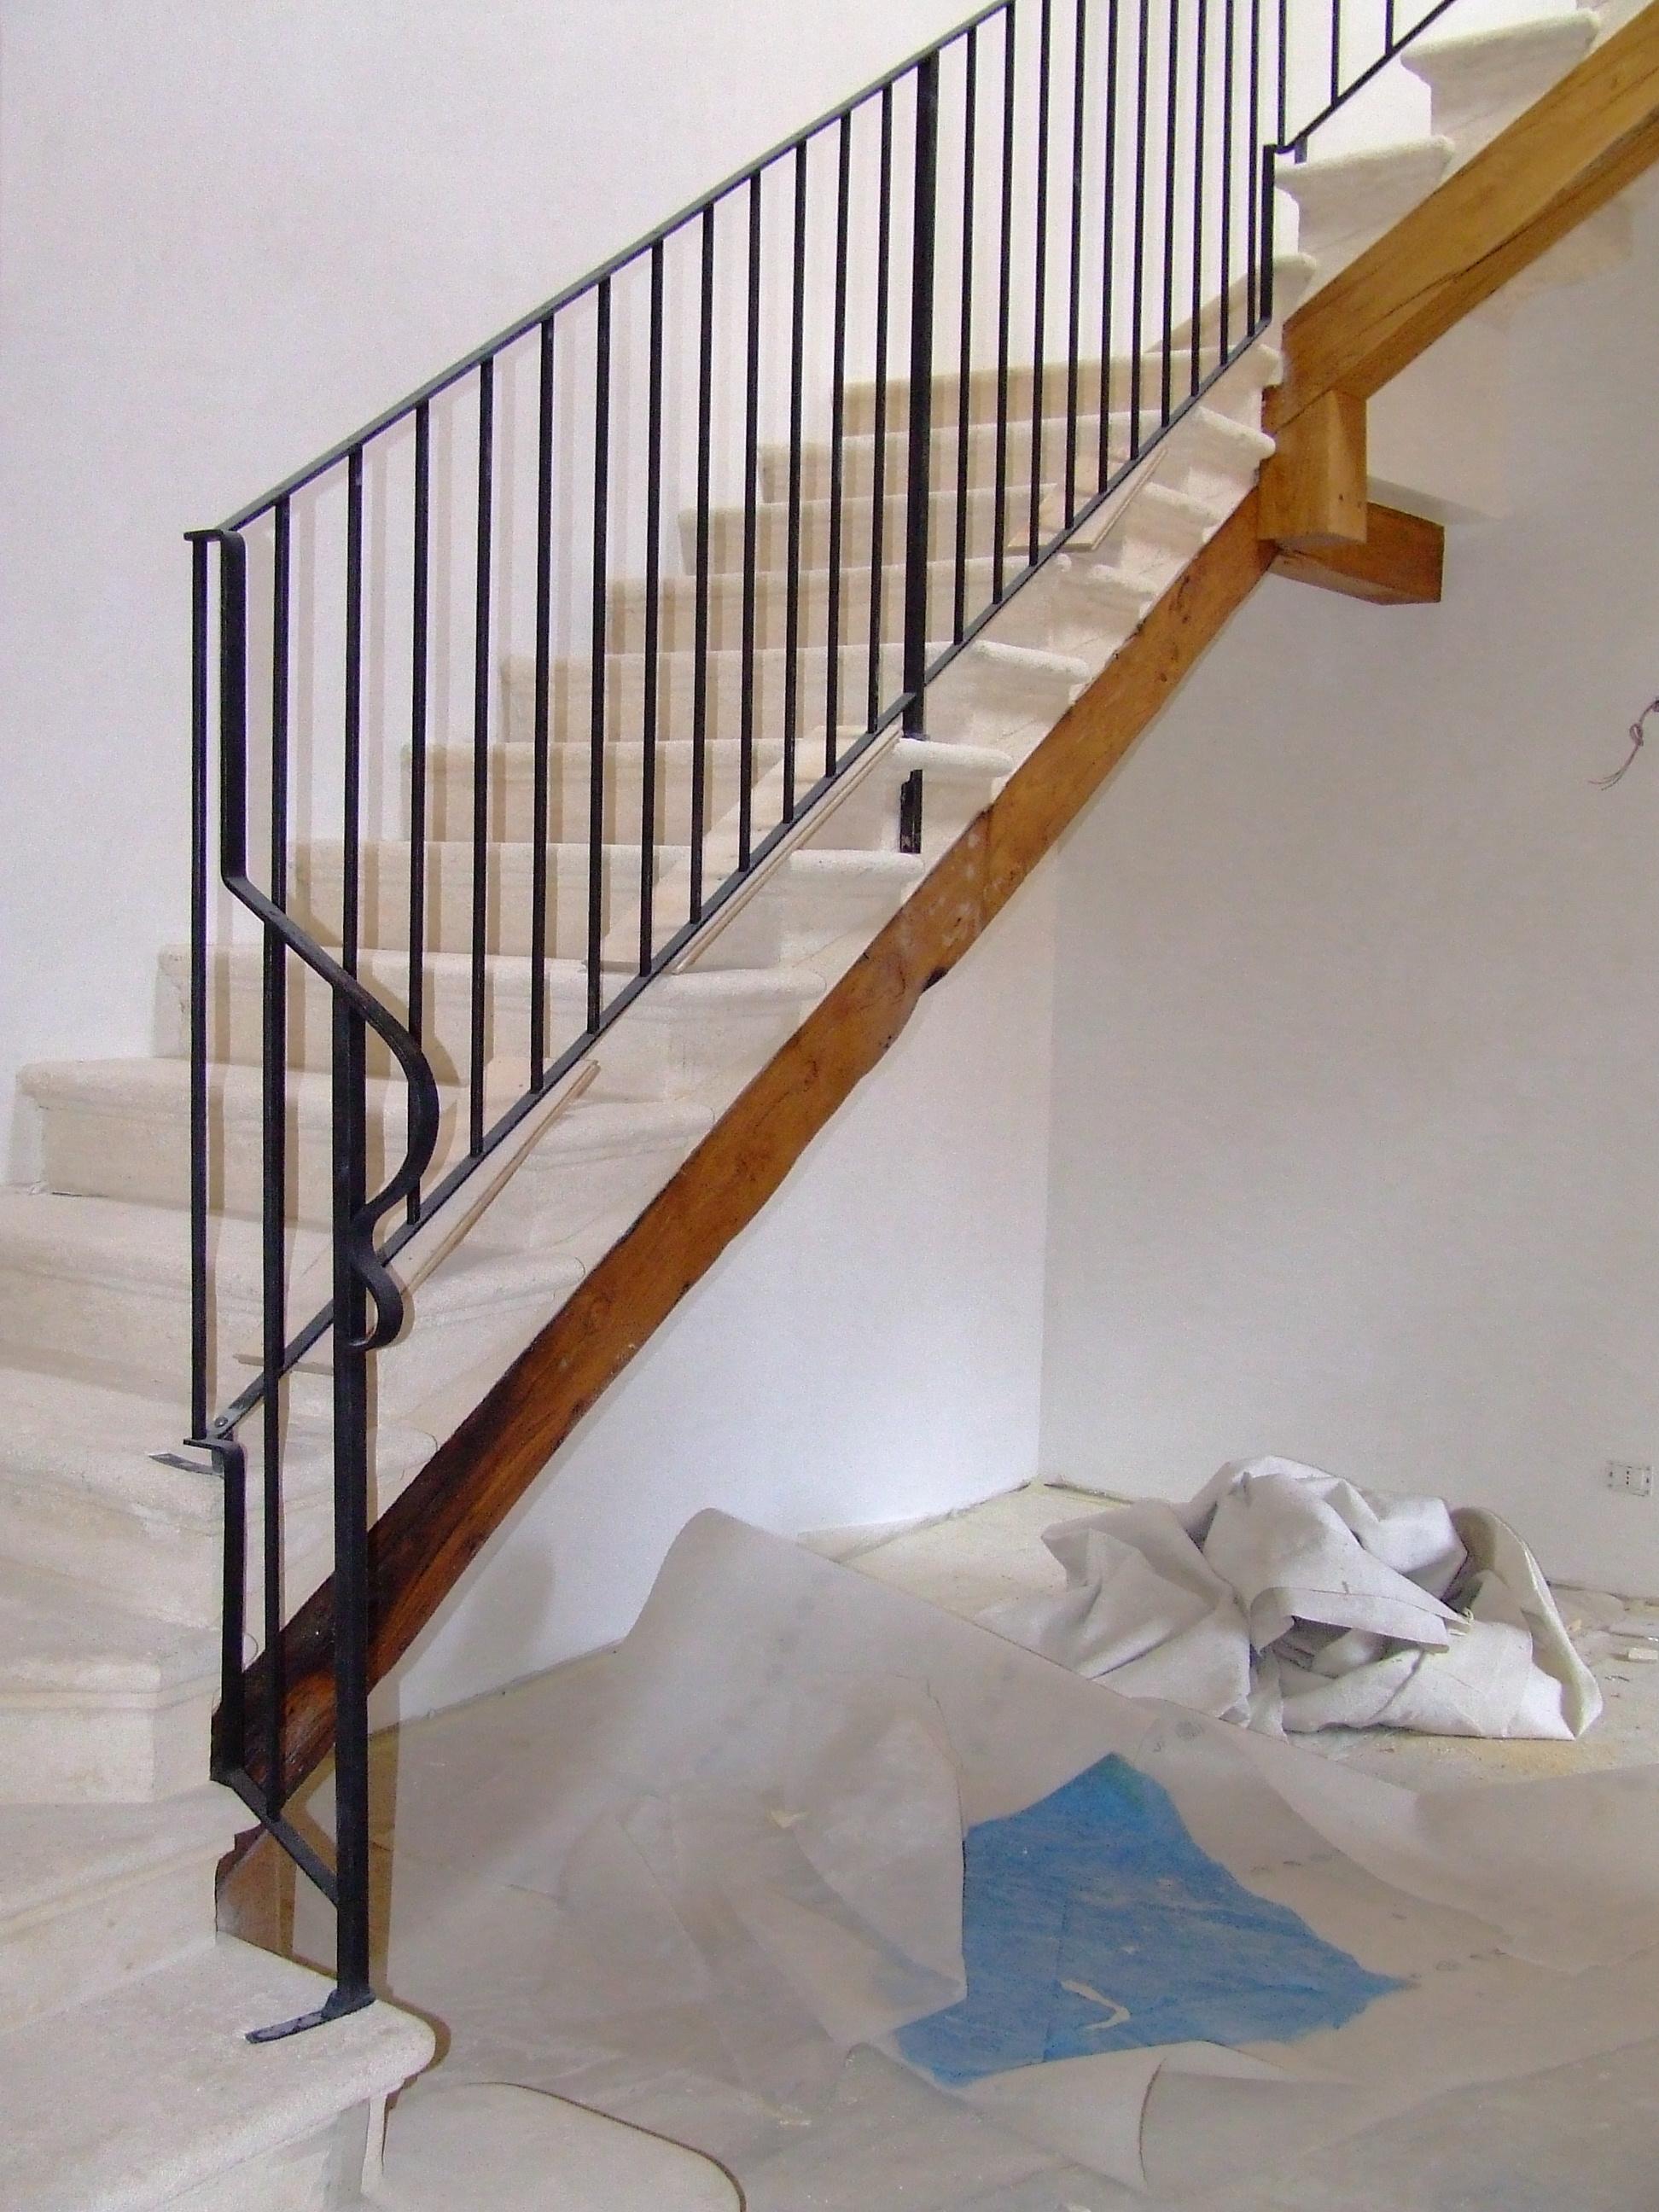 Foto ringhiere in ferro per recinzioni in sasso - Immagini di scale ...